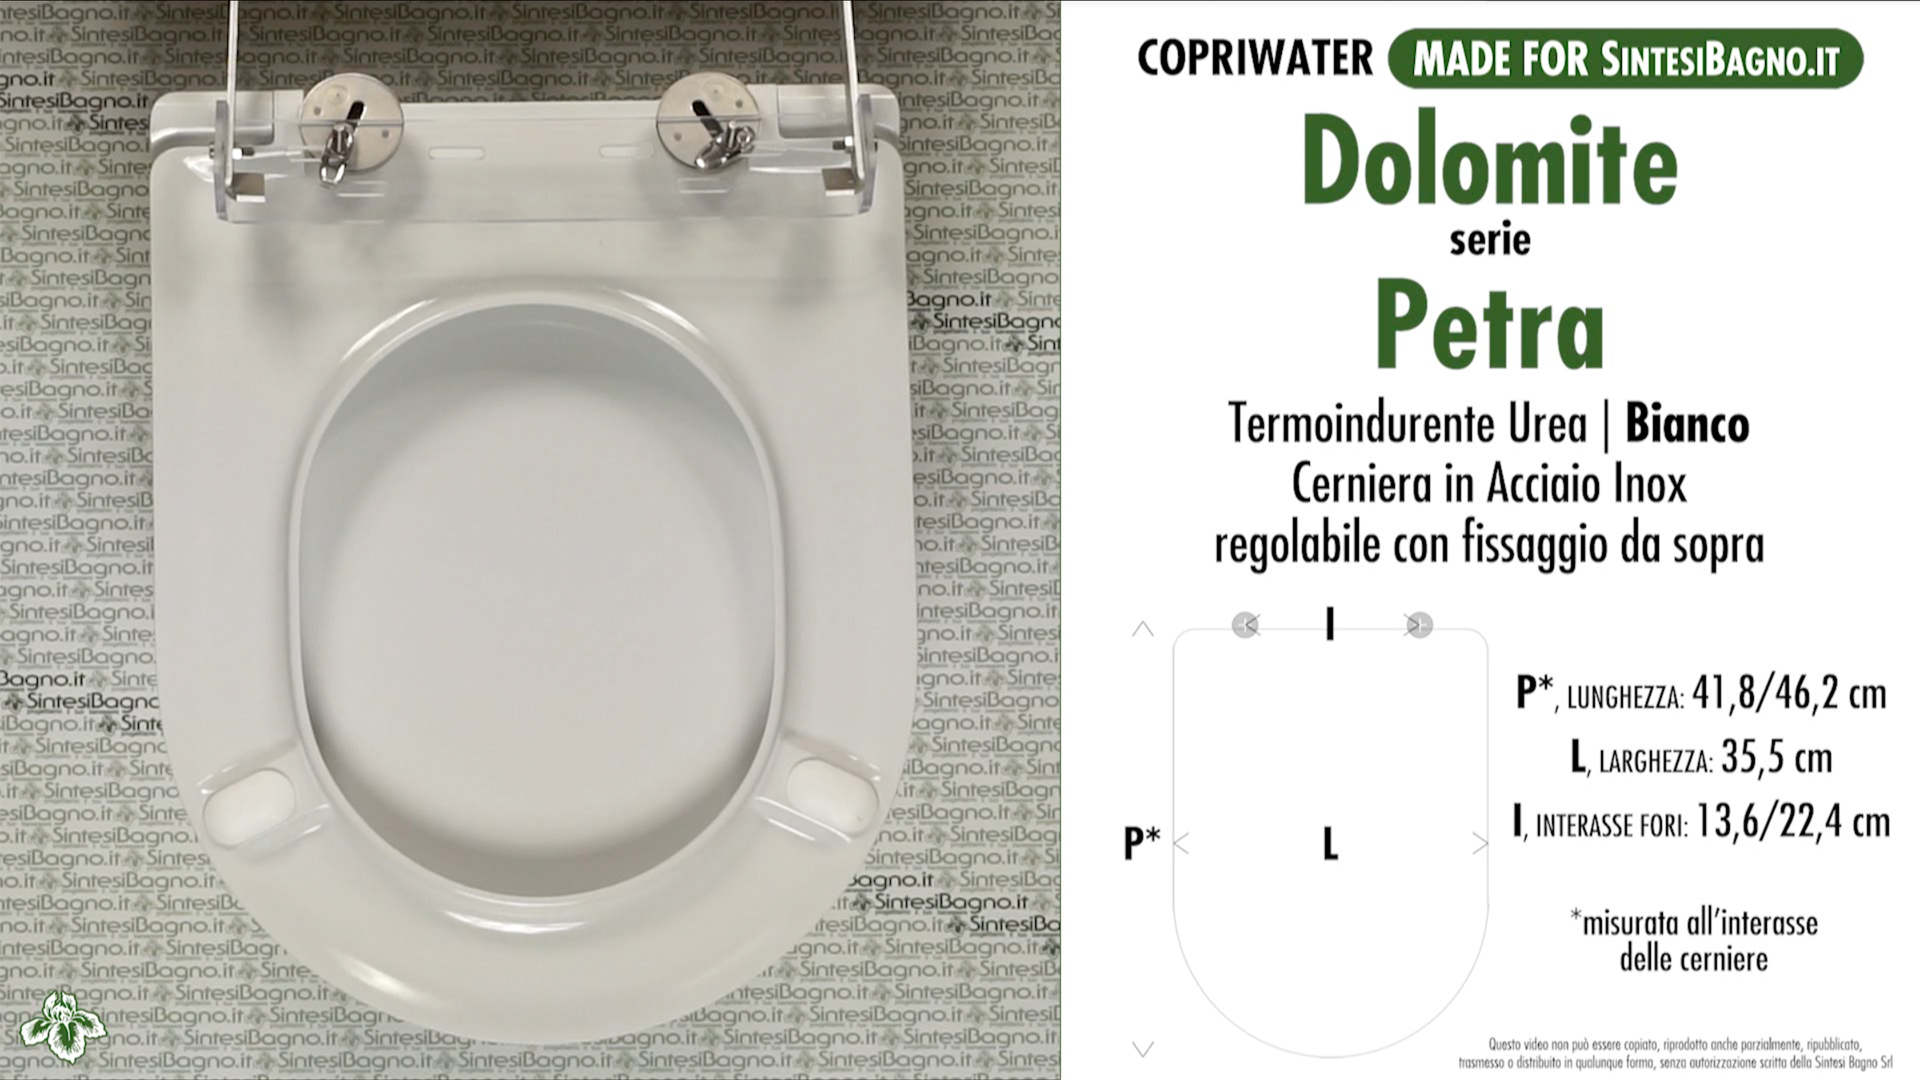 SCHEDA TECNICA MISURE copriwater DOLOMITE PETRA